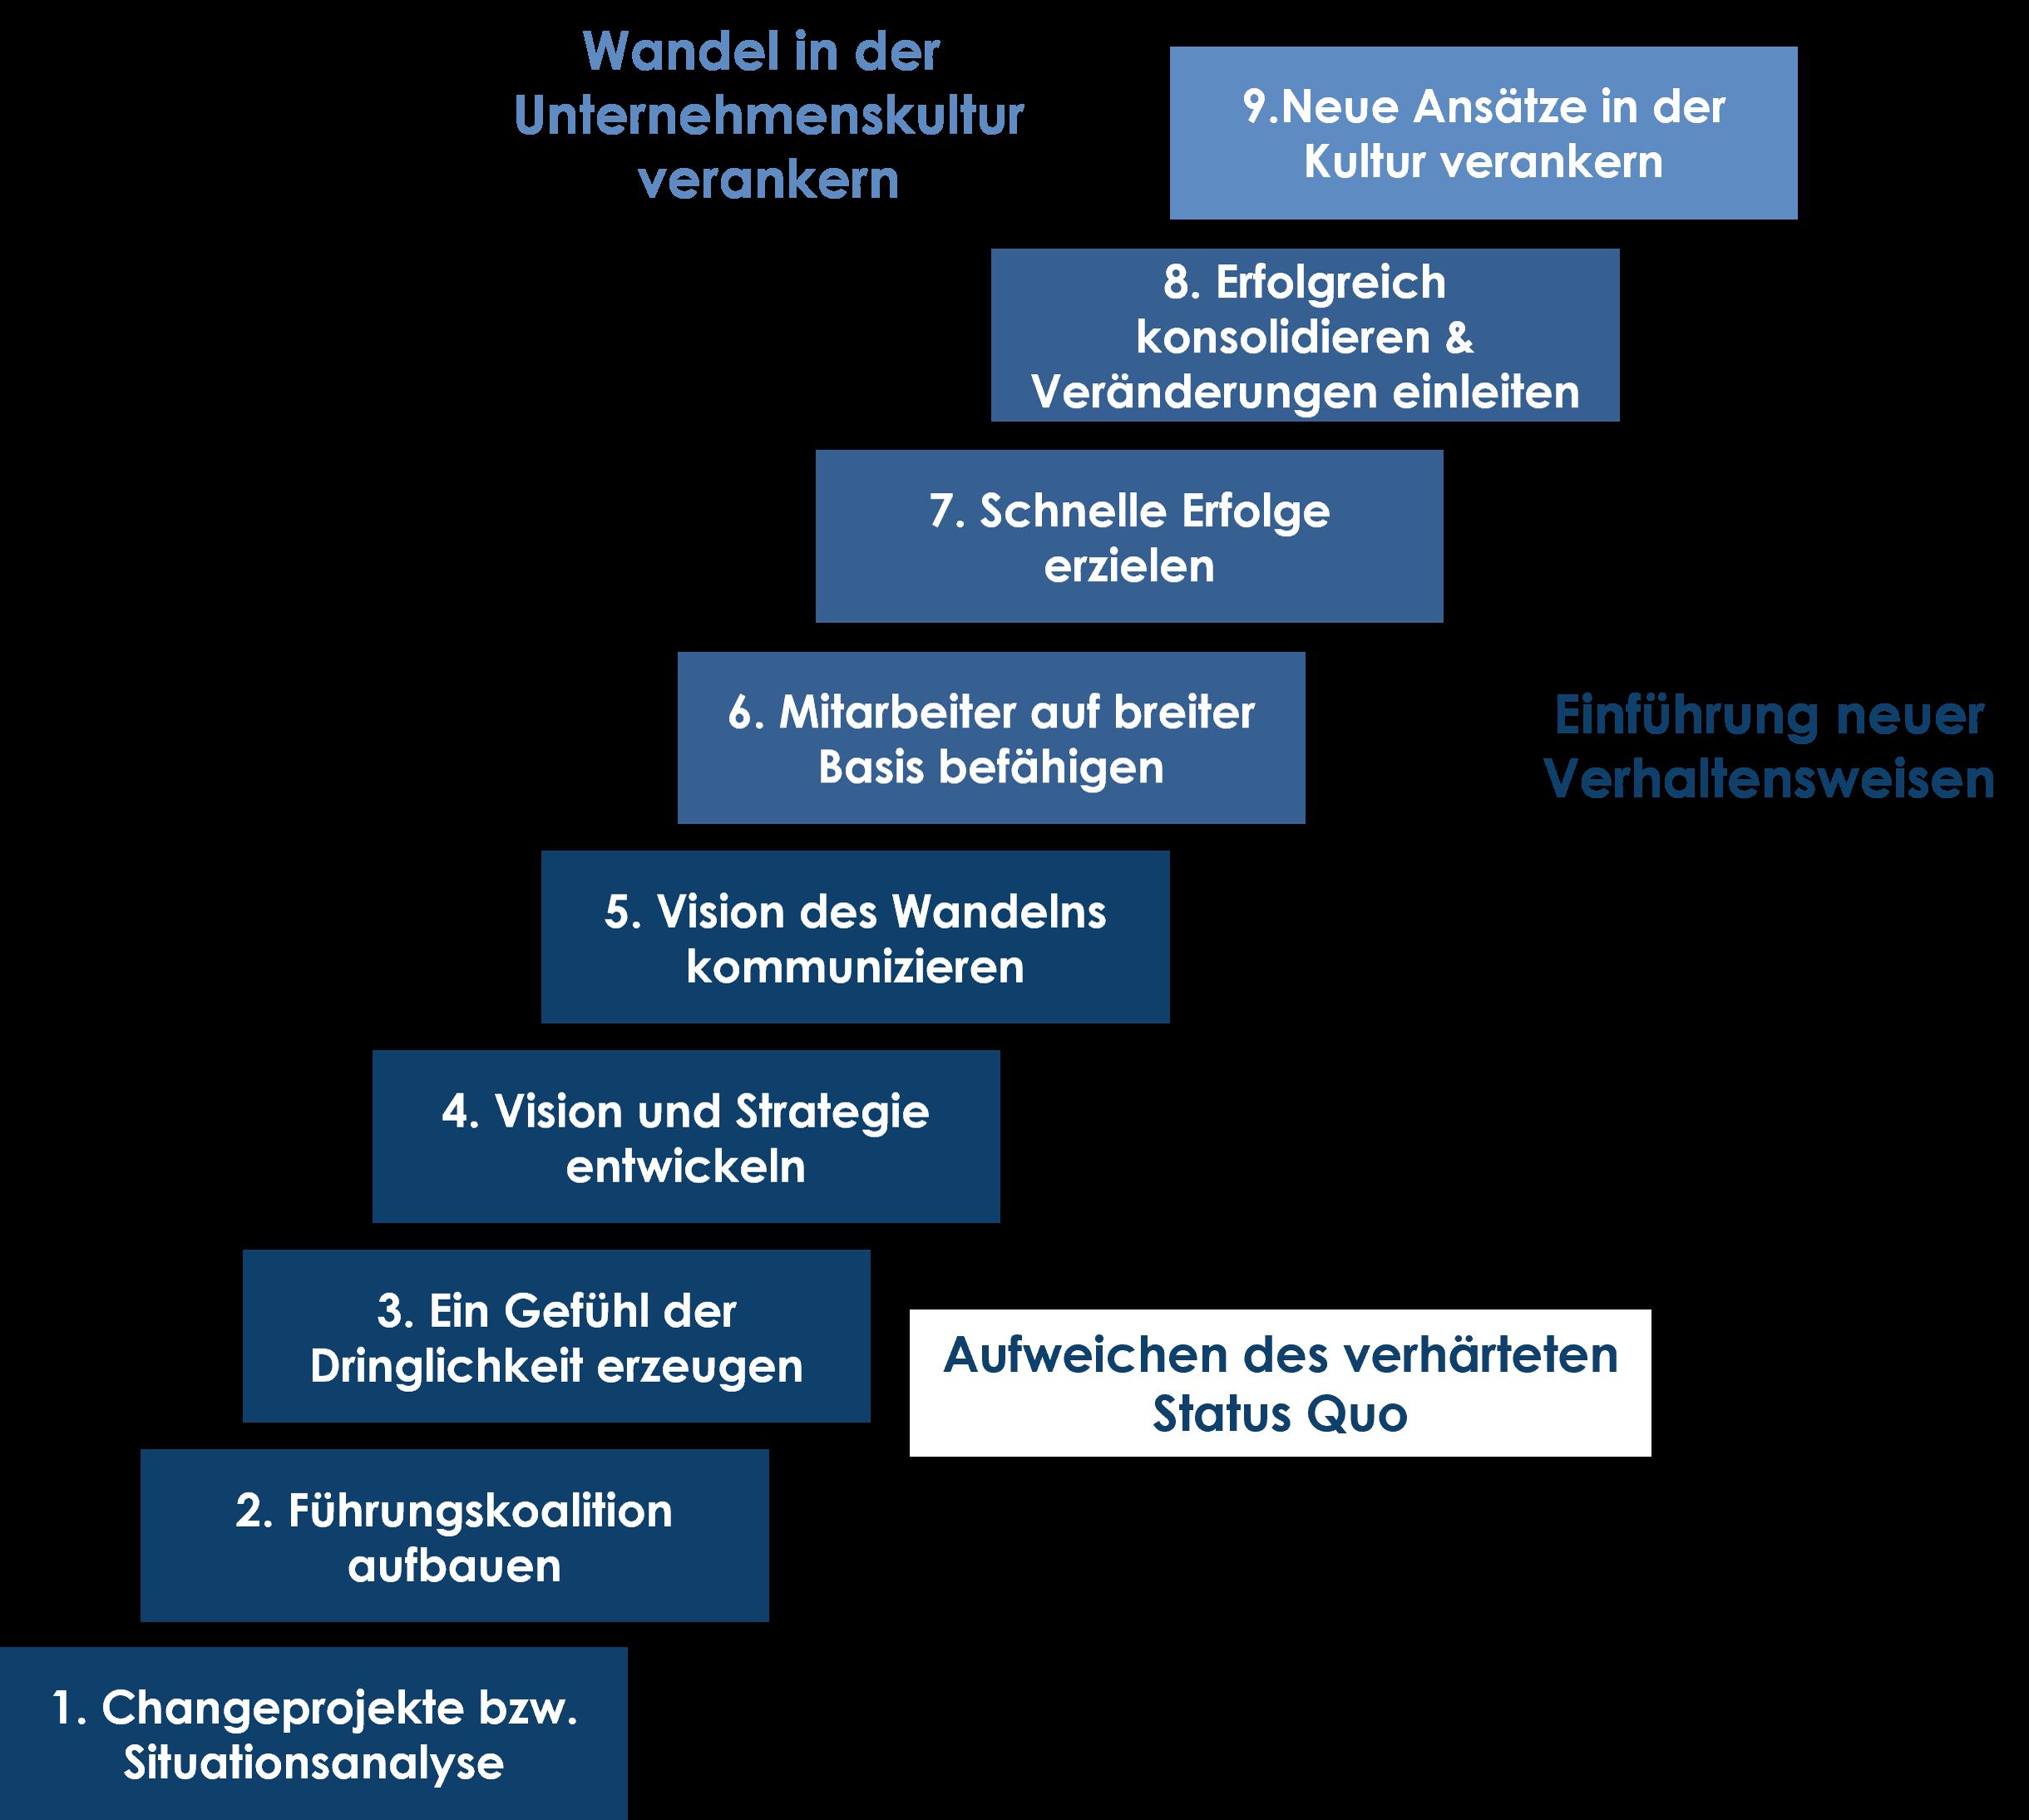 Der Ablauf eines Changemanagementprozesses begintt mit der Situationsanalyse, über das Entwickeln der Strategie und Vision bishin zum Verankern einer neuen Kultur